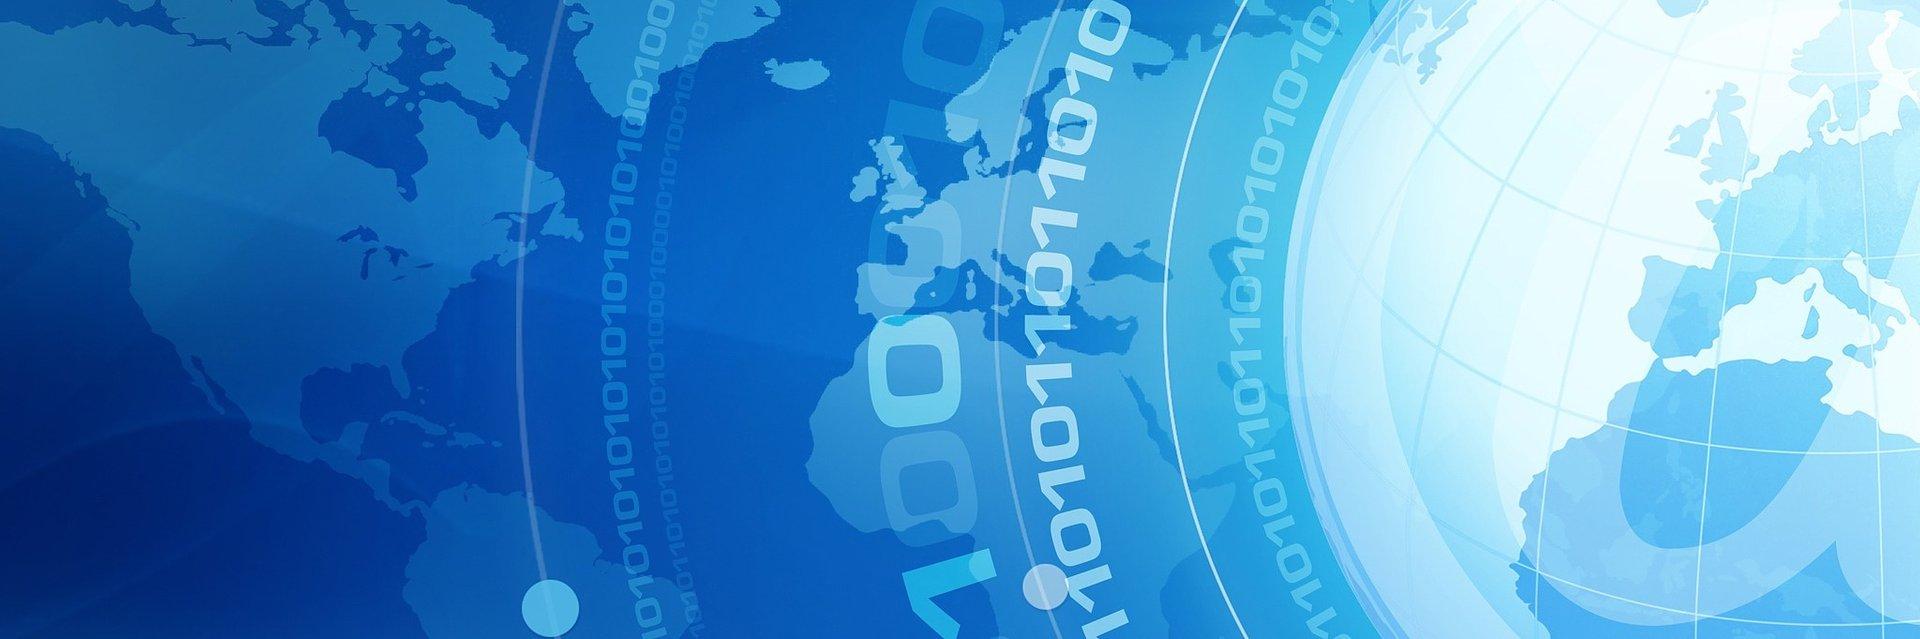 Technologie pozycjonowania satelitarnego w logistyce